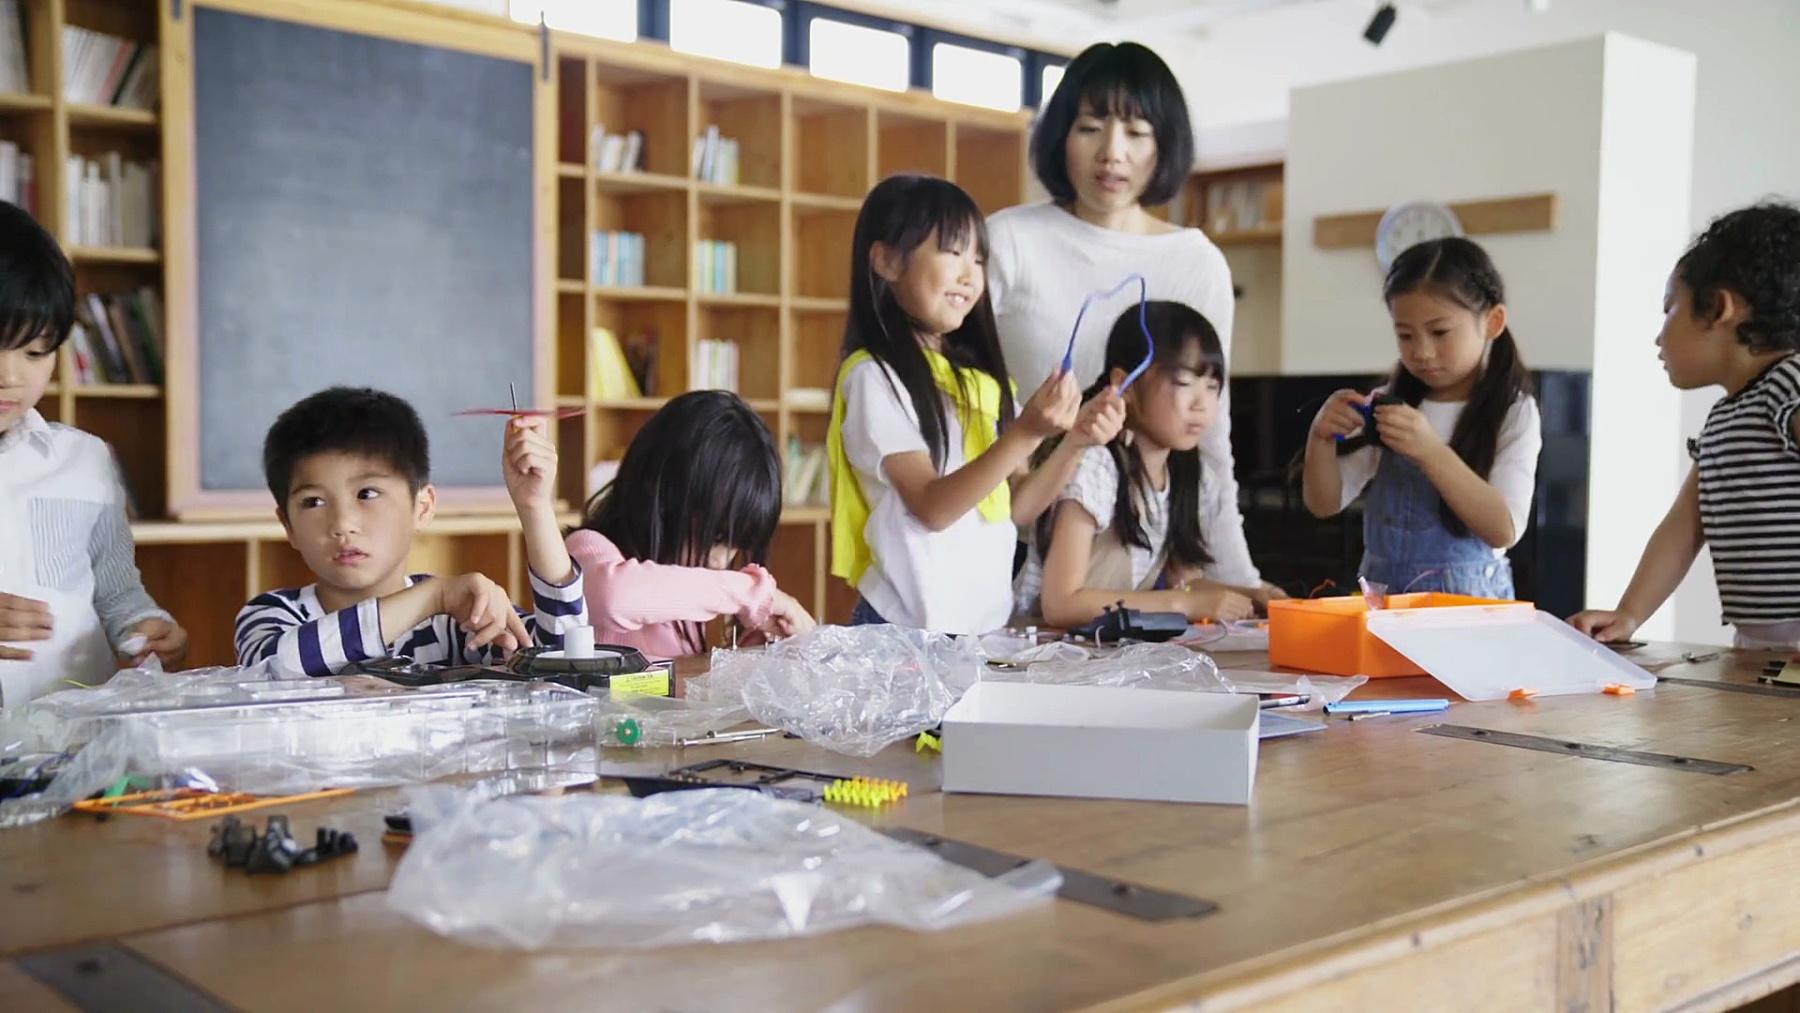 学校的孩子们在课余活动中玩机器人